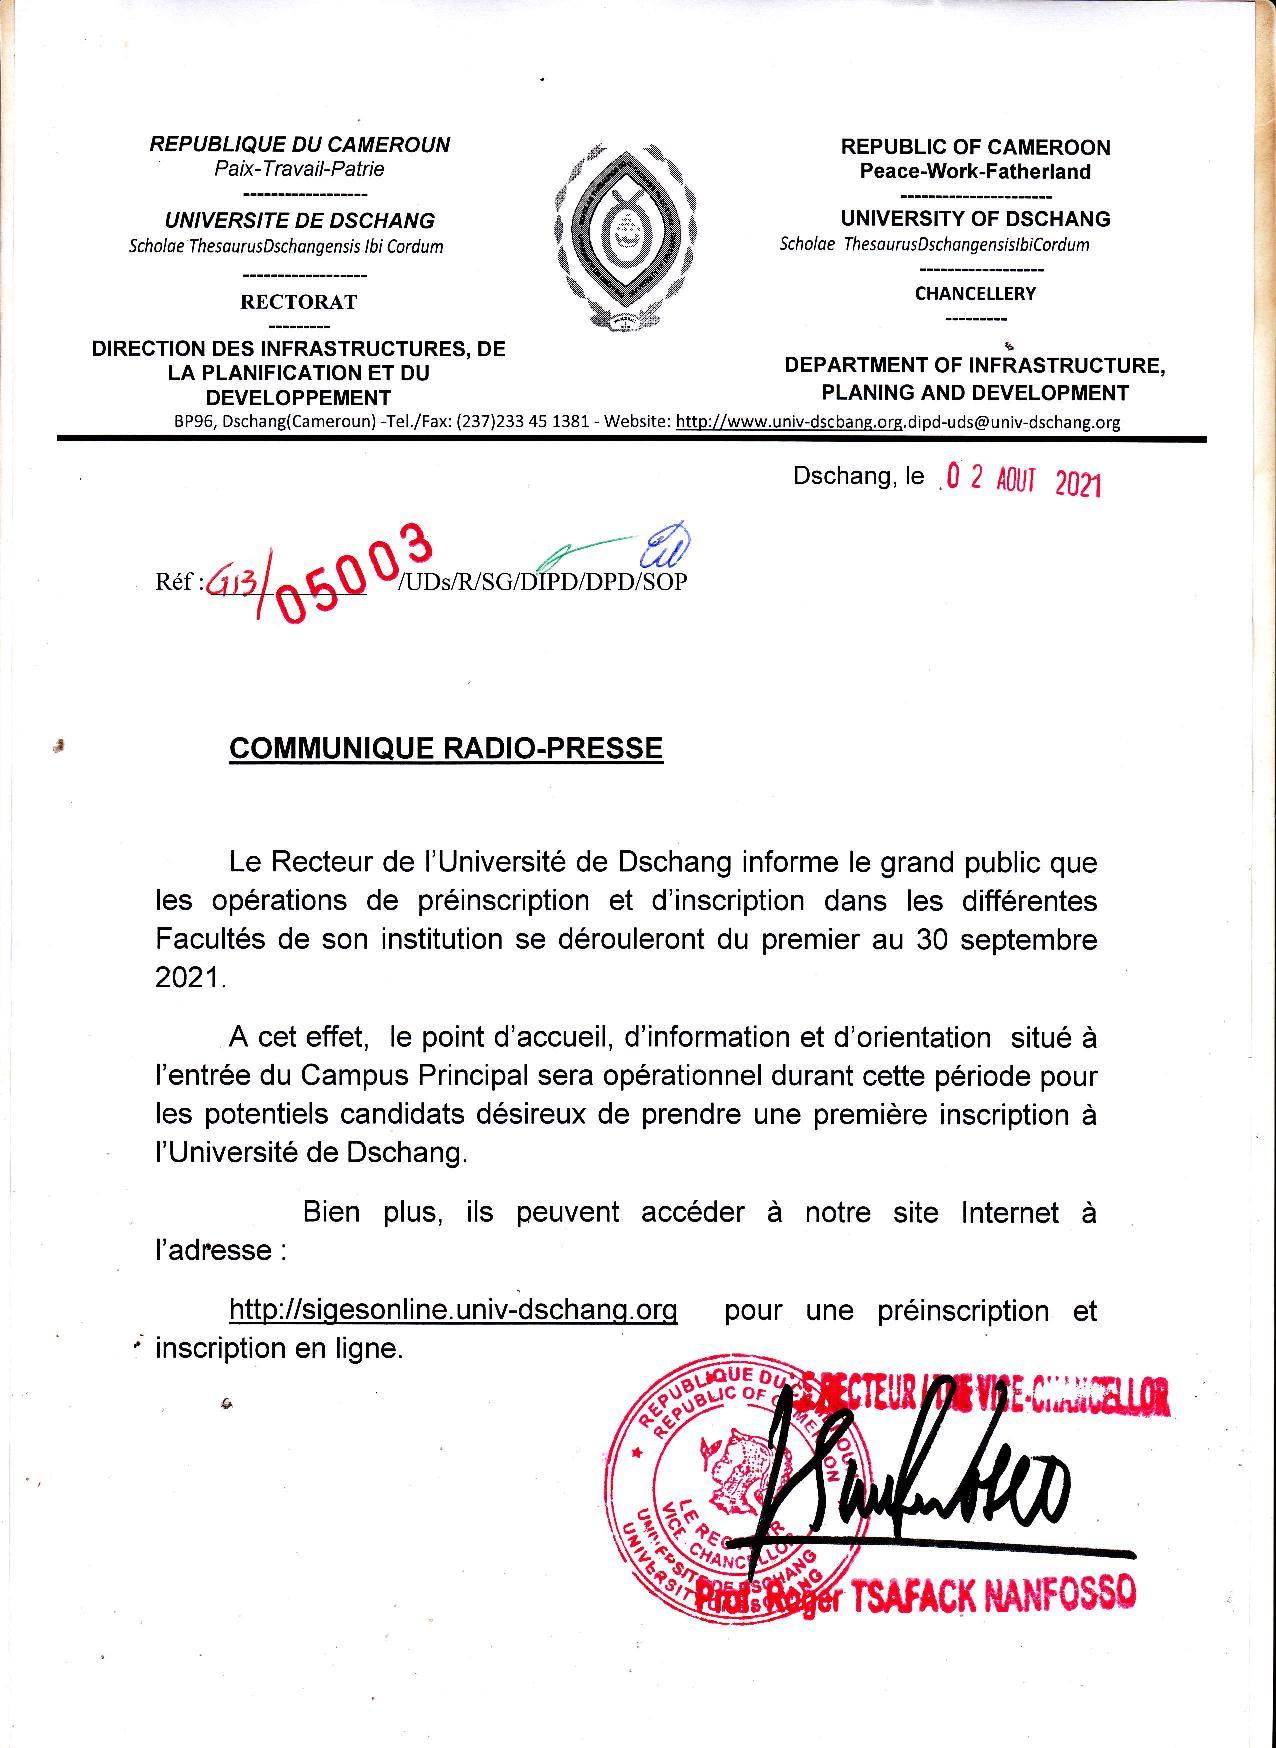 pré-inscriptions en ligne université de dschang 2021